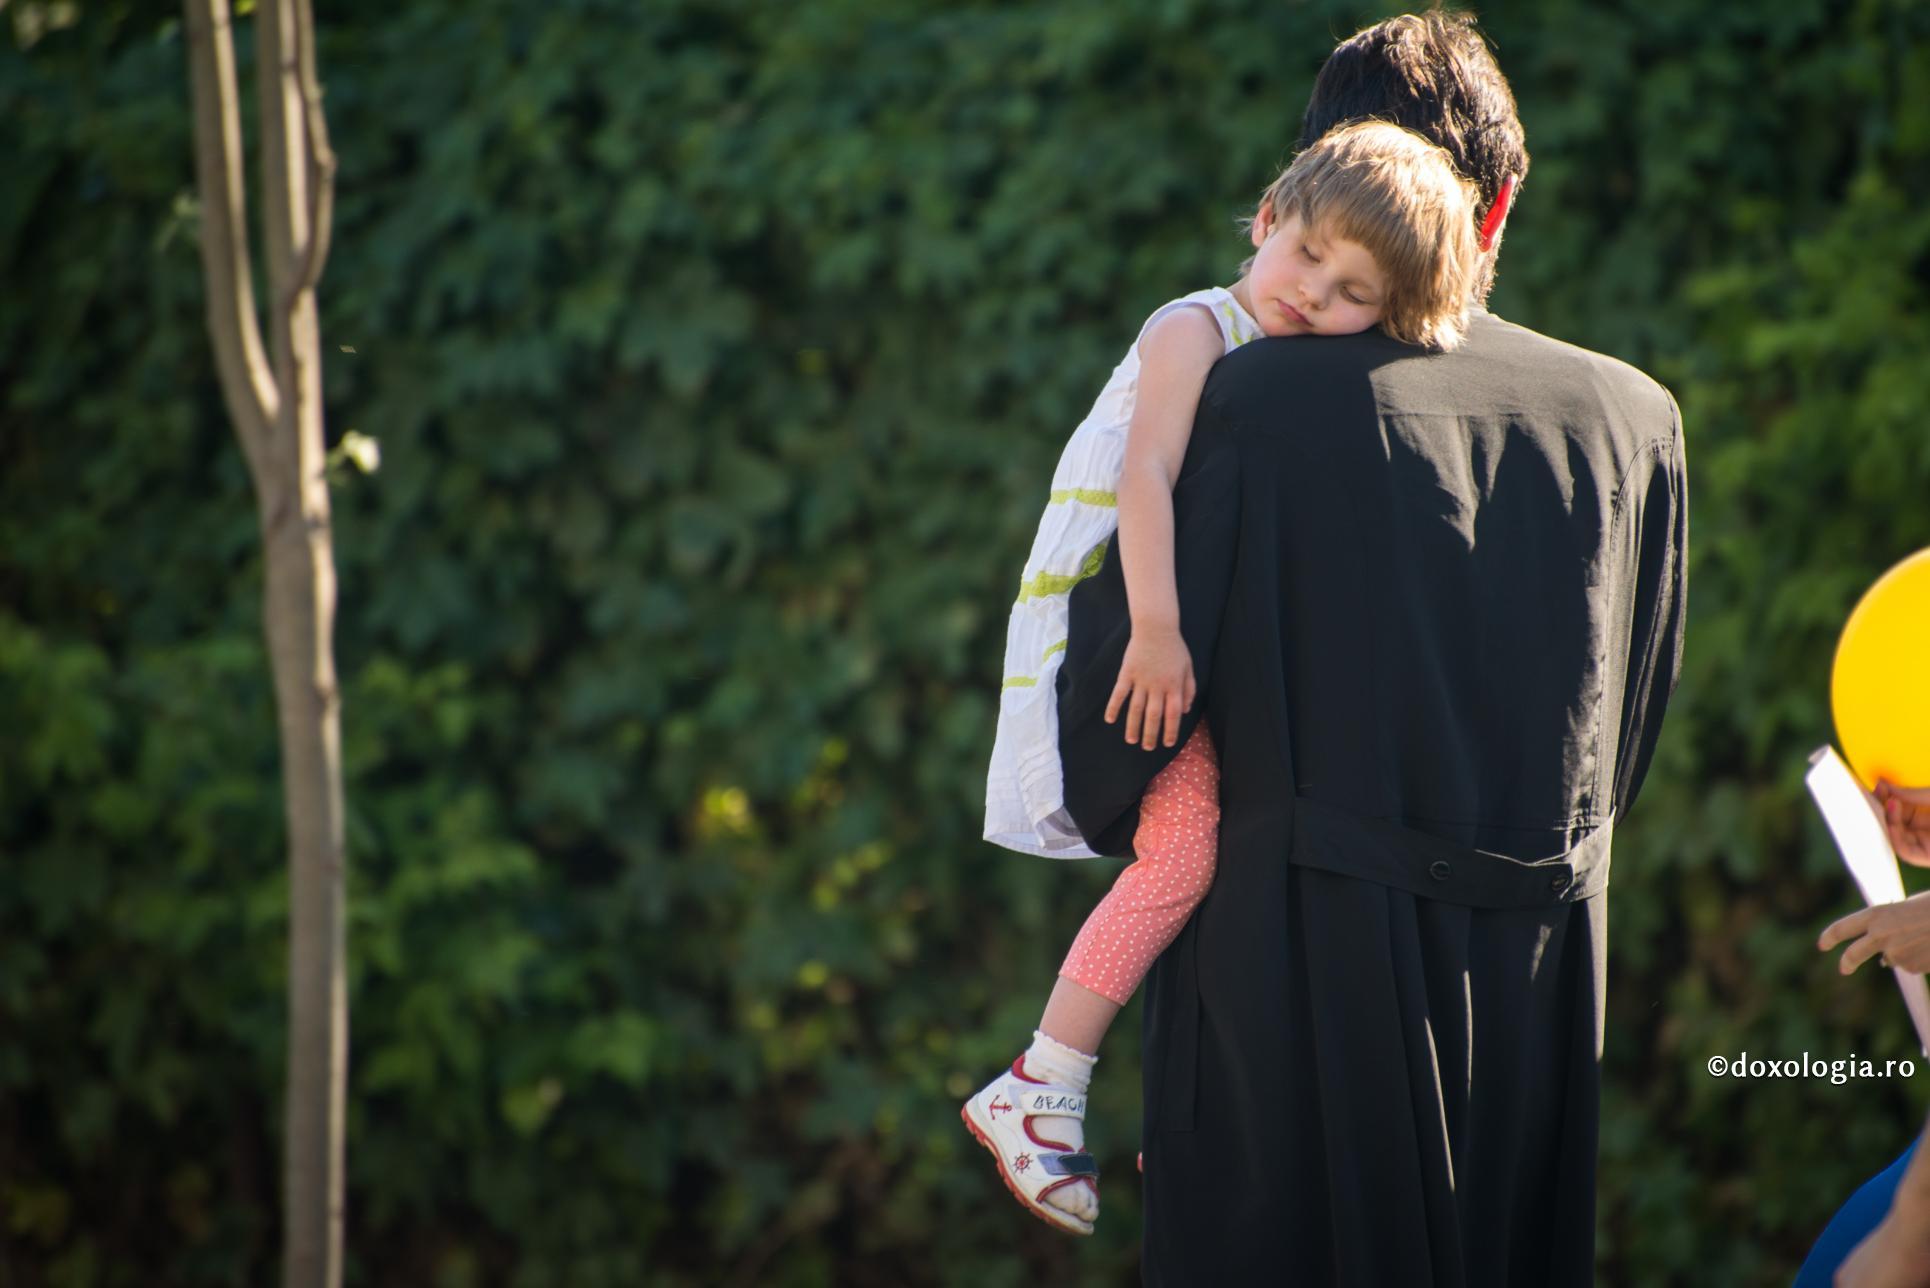 Αποτέλεσμα εικόνας για copii,familia preotului